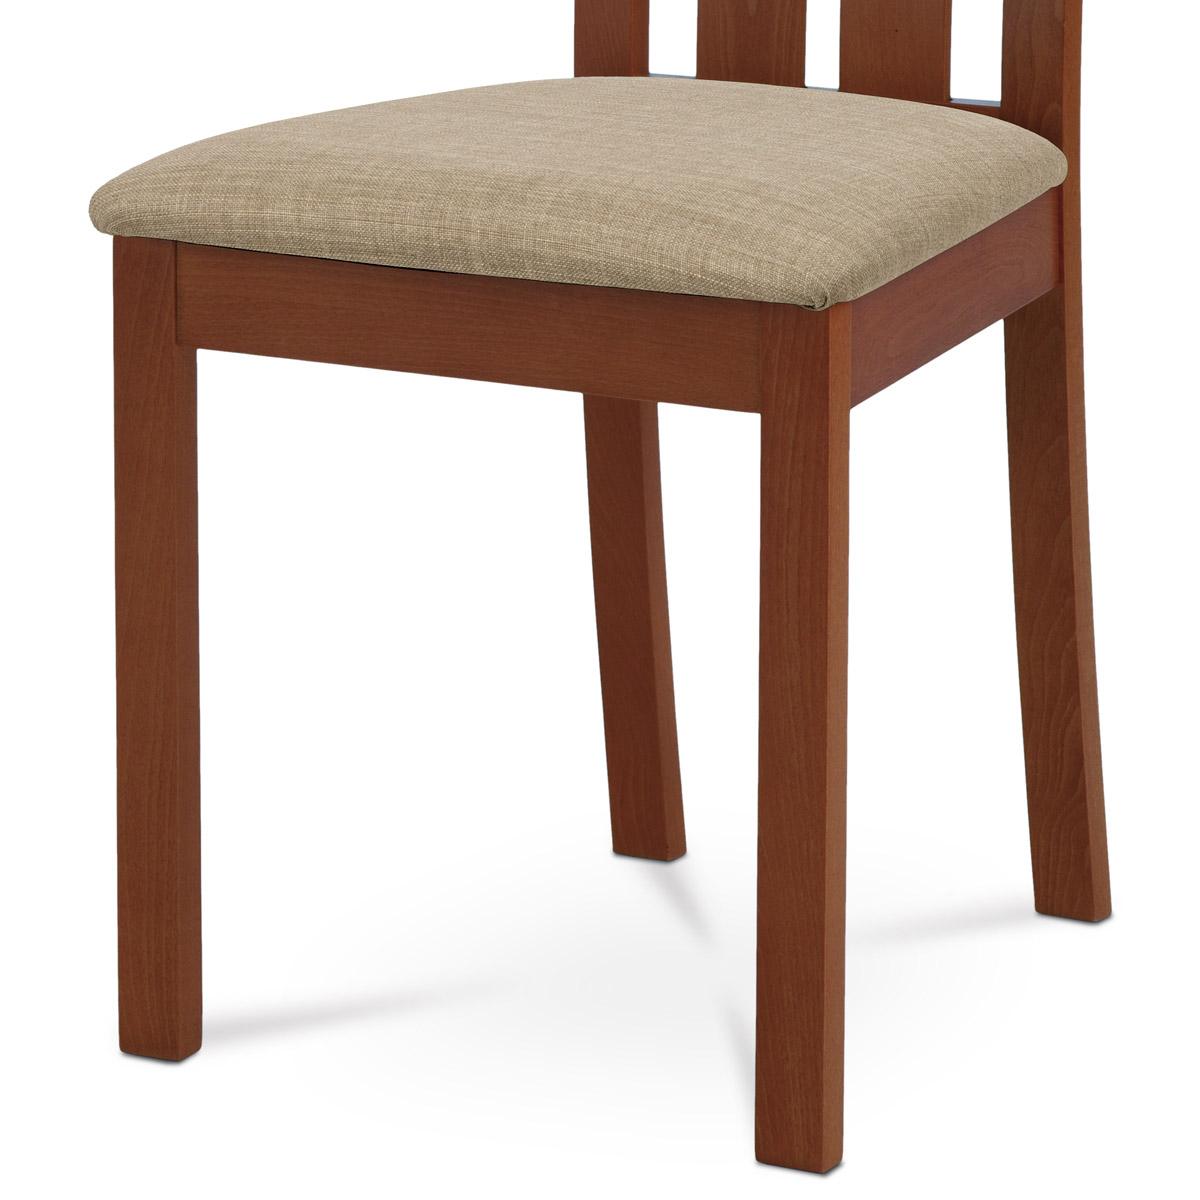 Jídelní židle, masiv buk, barva třešeň, látkový béžový potah - BC-2602 TR3